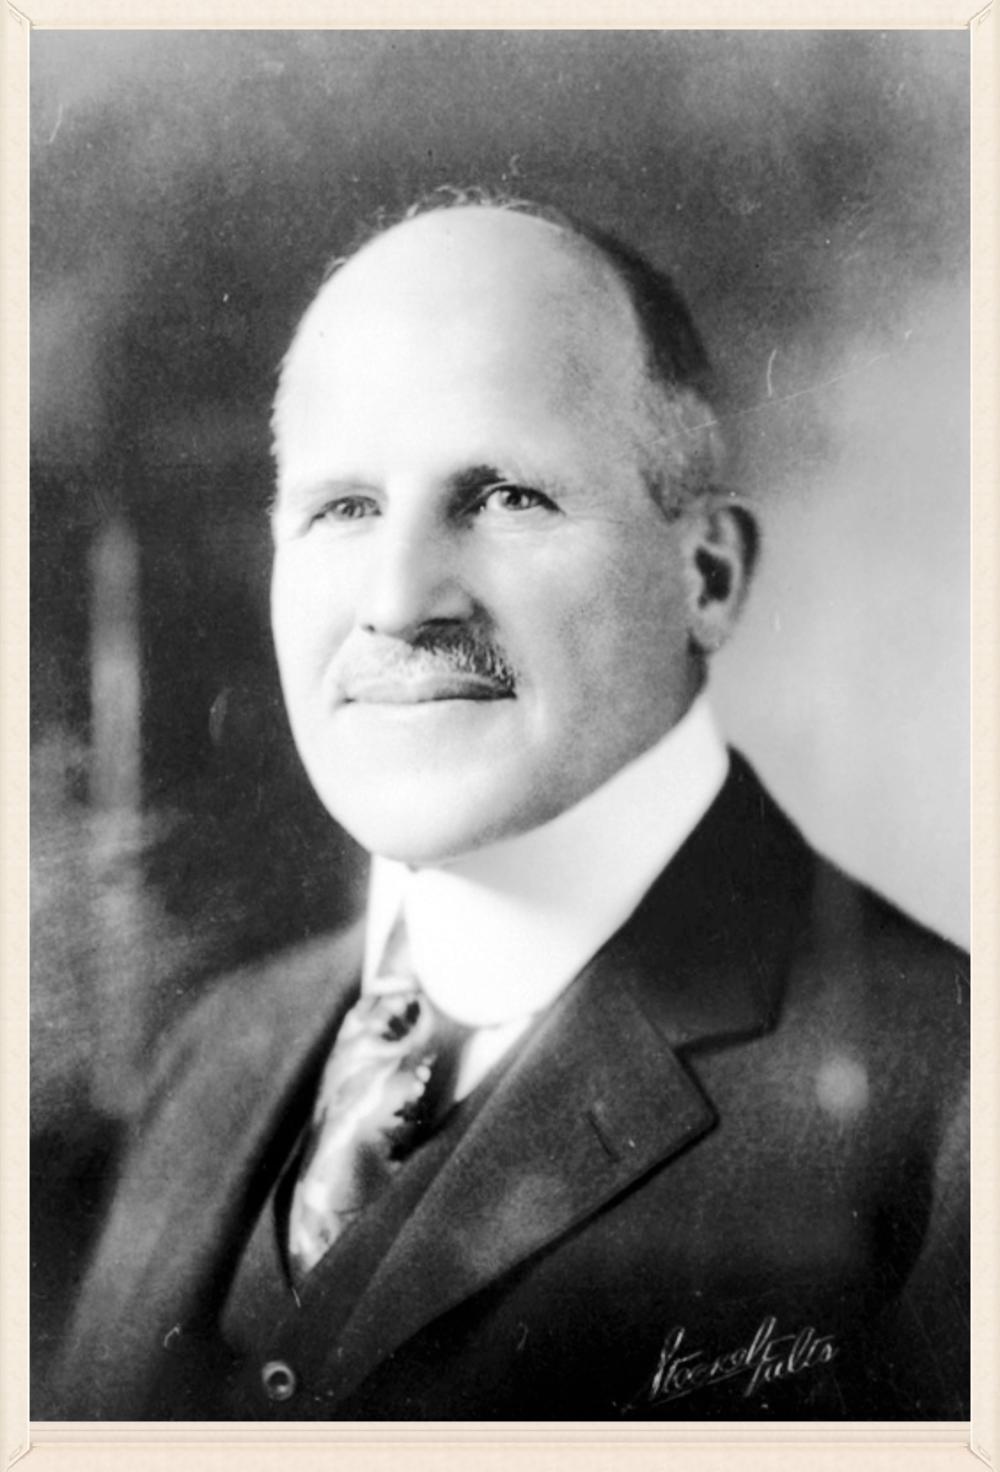 Moses Hazeltine Sherman